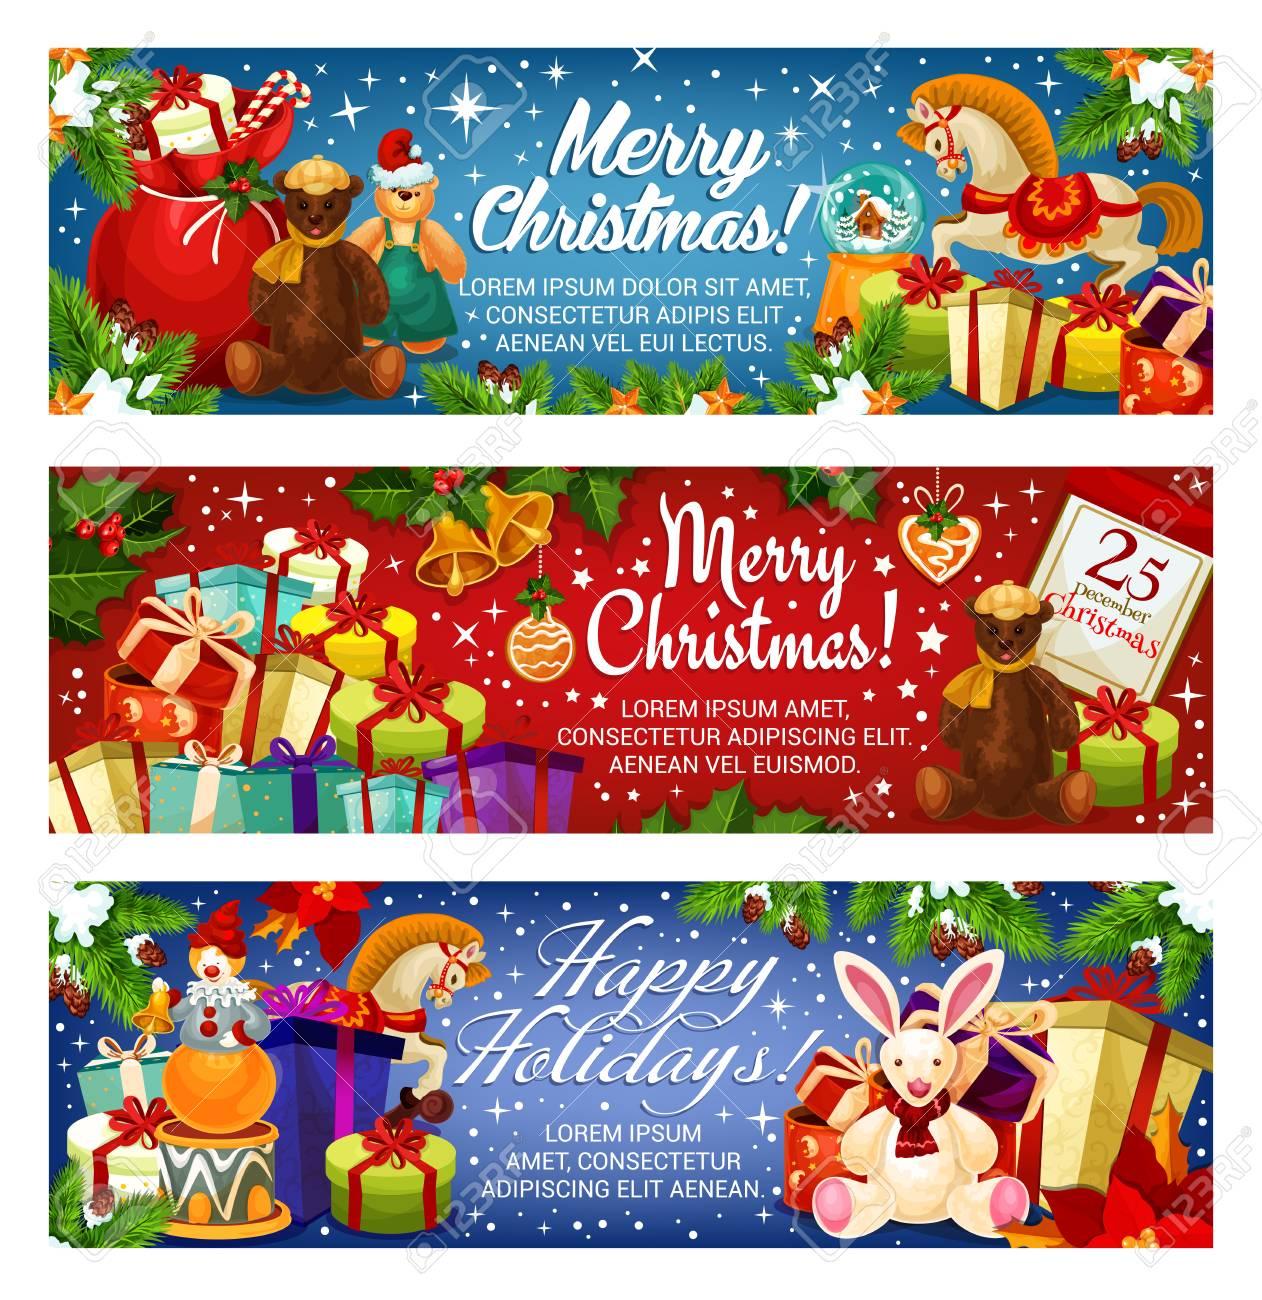 Christmas Banners.Merry Christmas Banners Design For Seasonal Greetings And Holiday